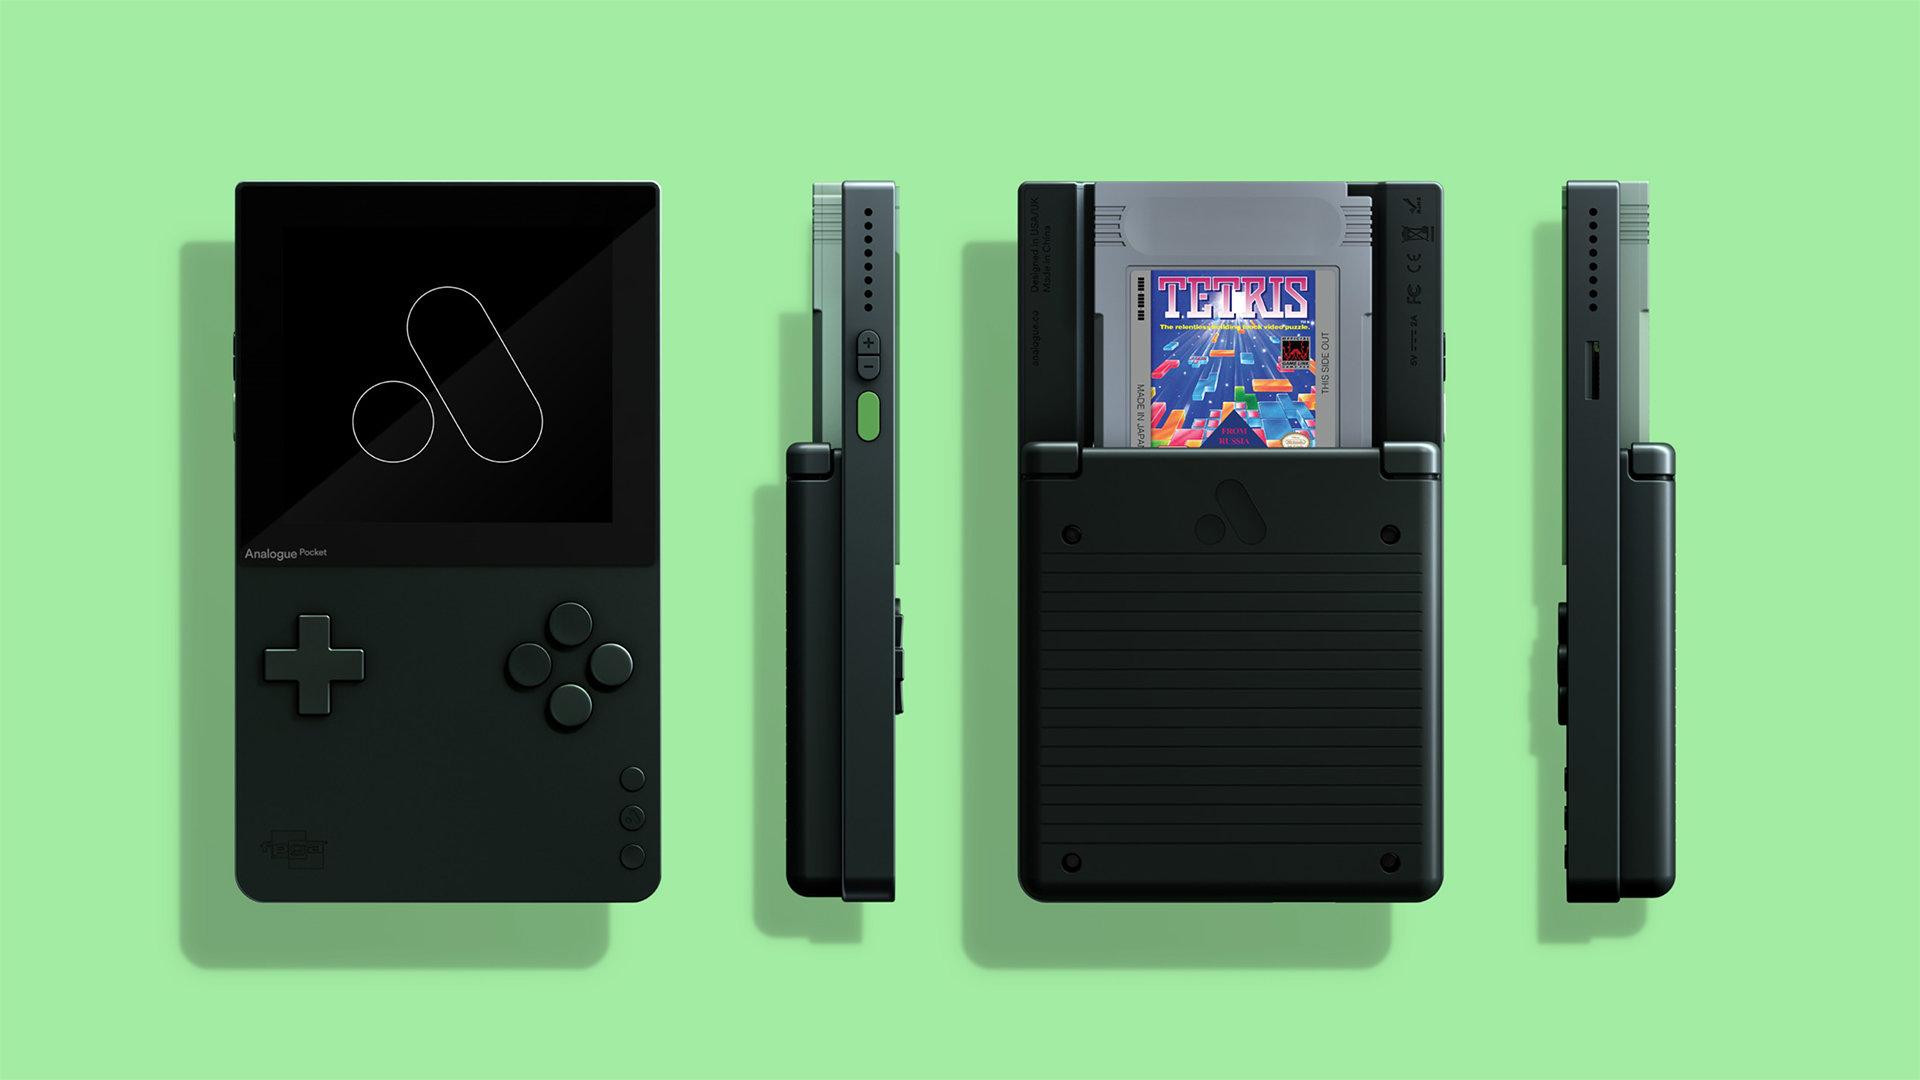 Analogue Pocket, la consola portátil que pretende revivir al Game Boy